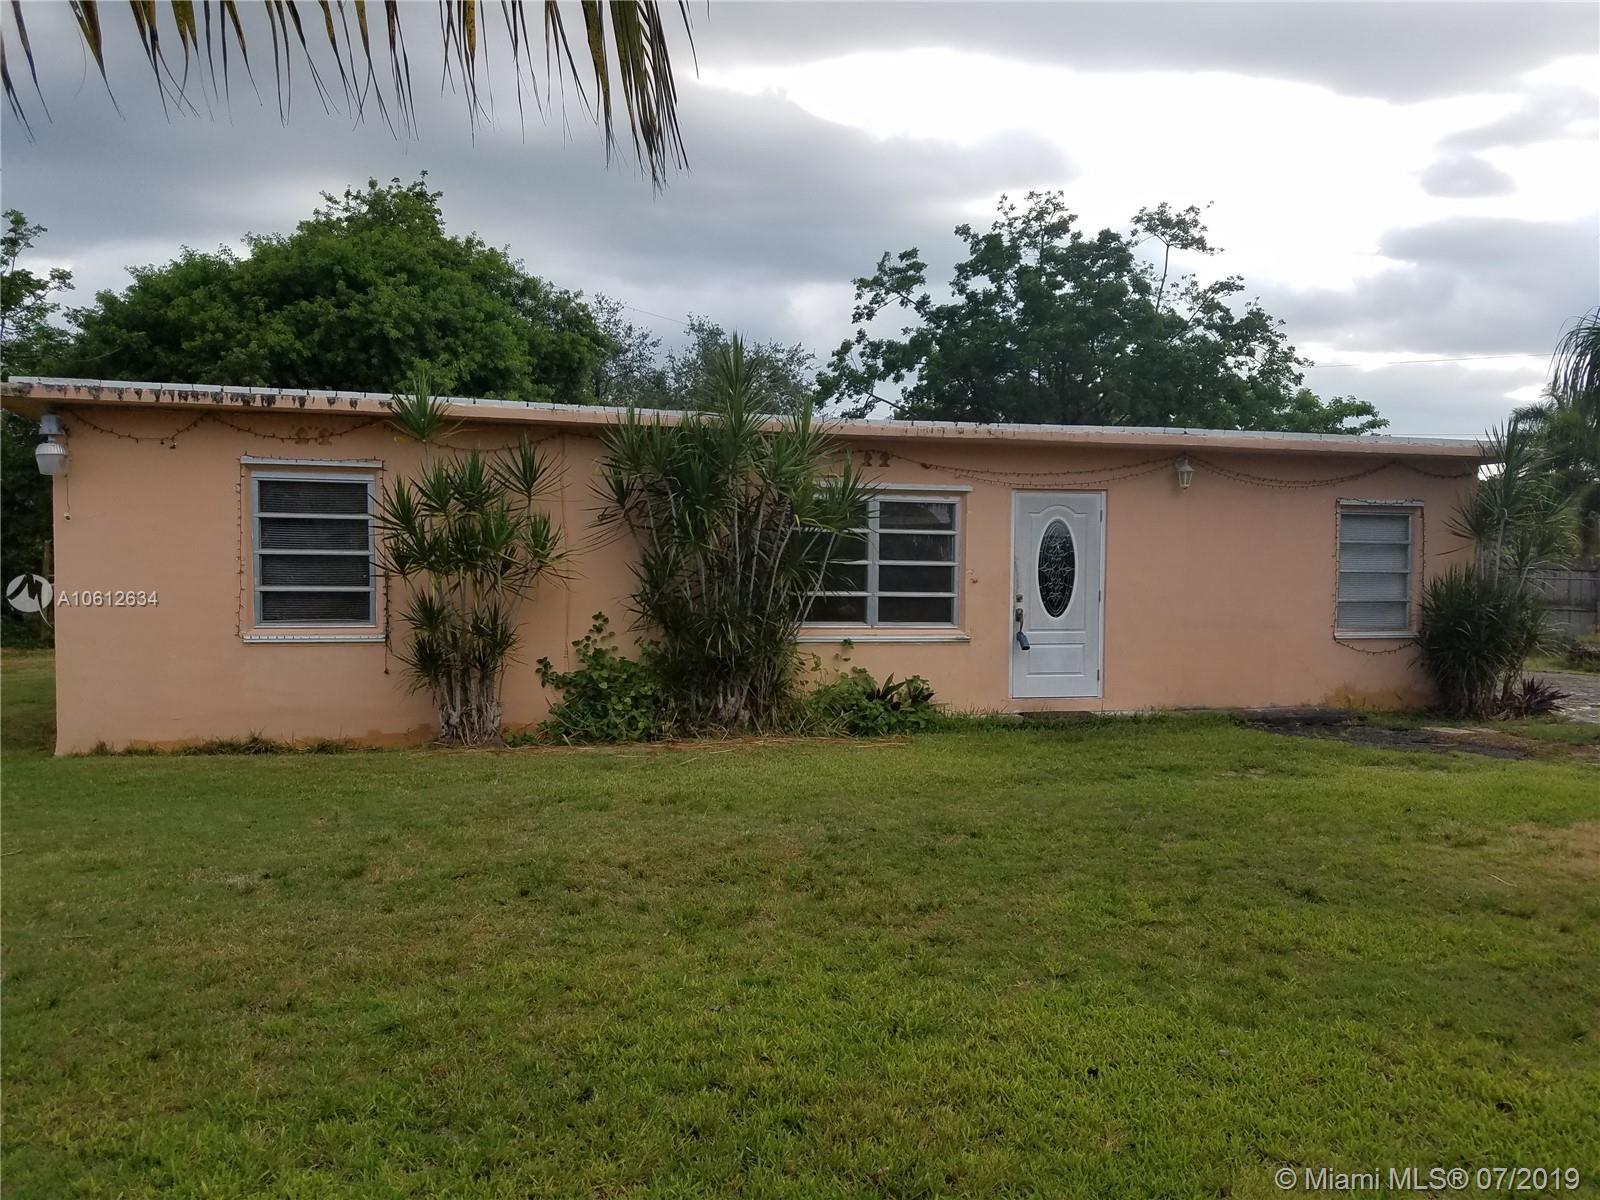 14800 FILLMORE Ln, Miami, FL 33033 - Miami, FL real estate listing